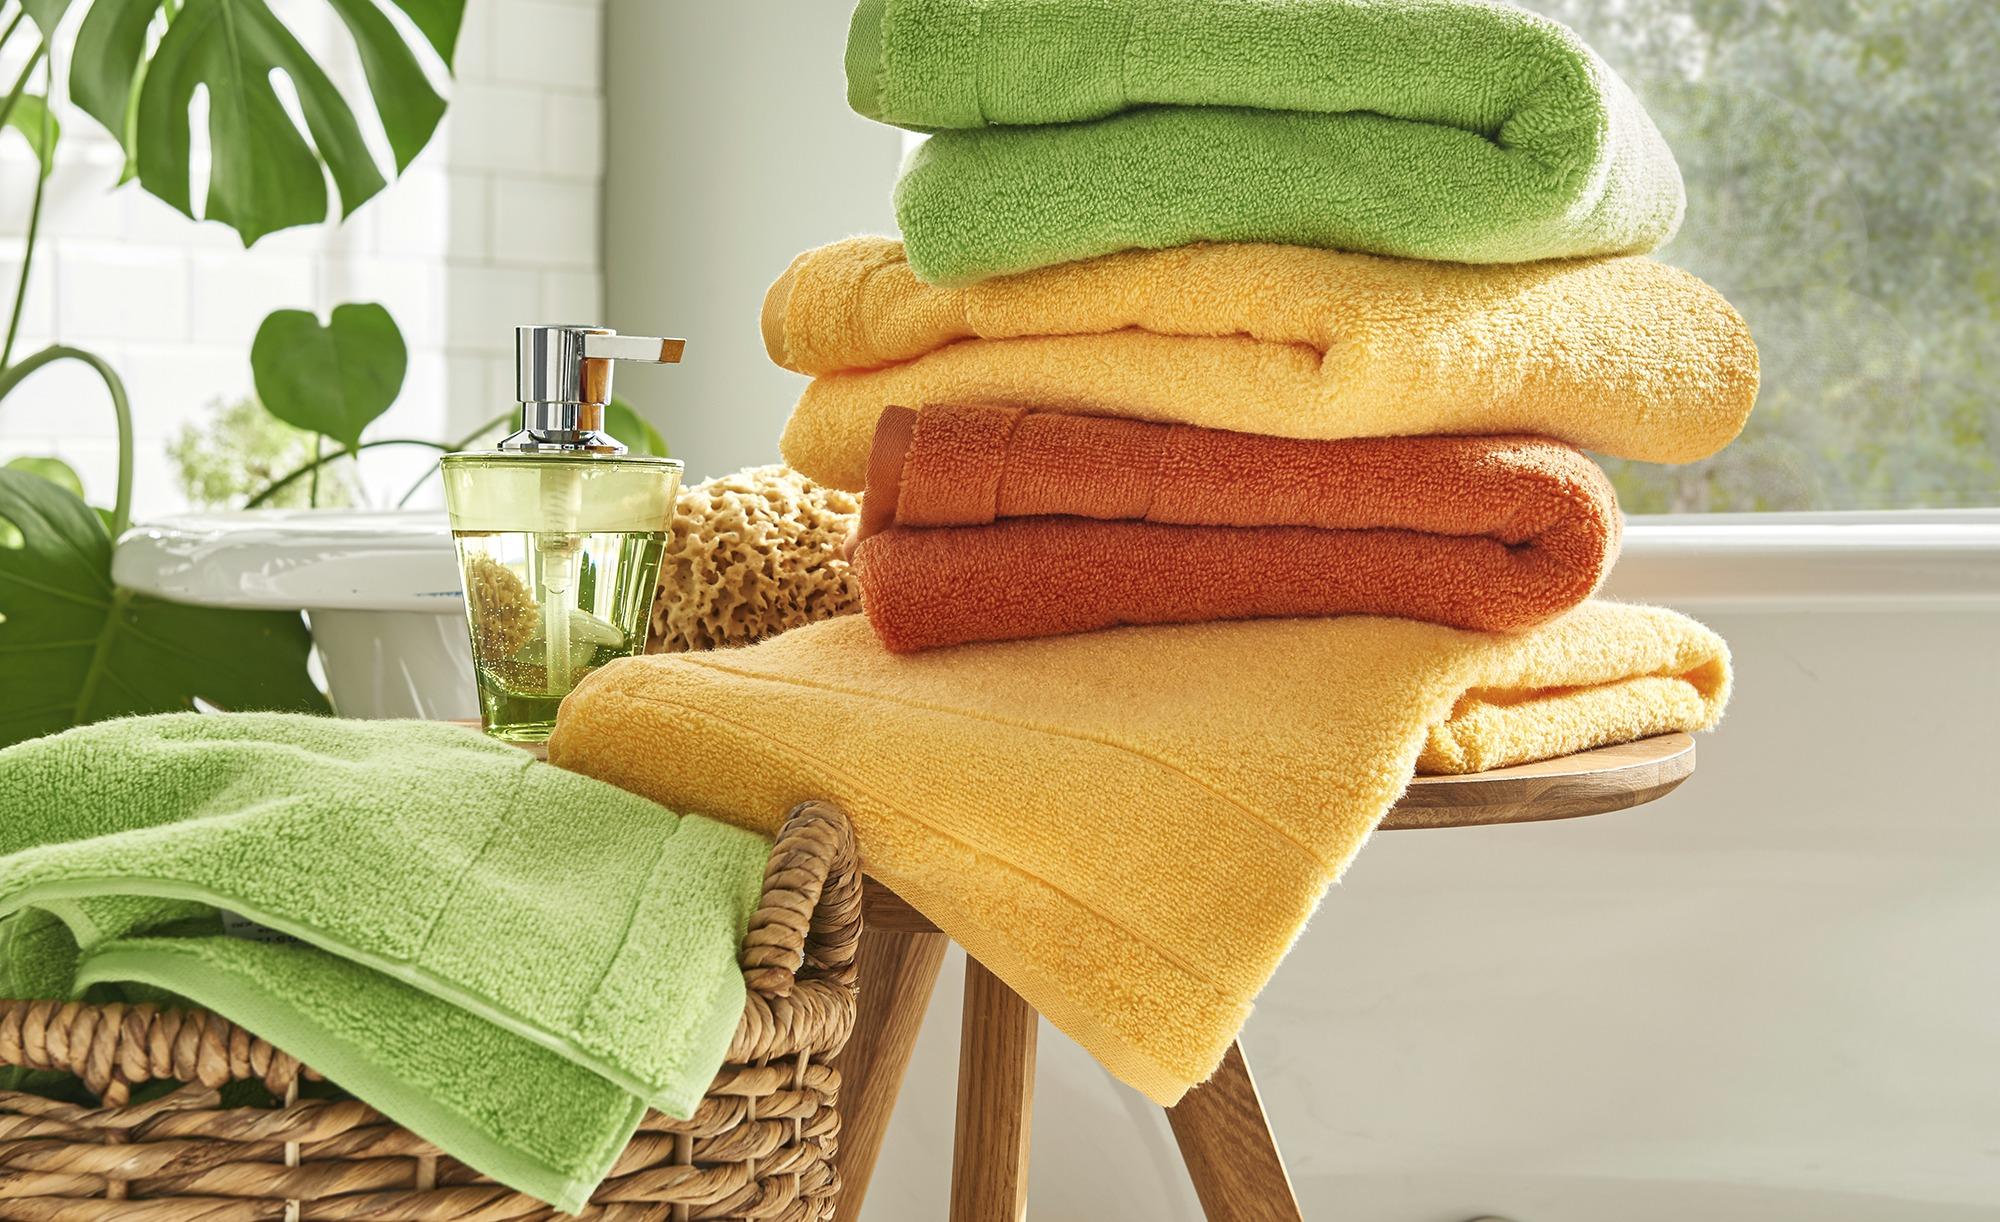 VOSSEN Handtuch  Cloud ¦ gelb ¦ 100% Baumwolle ¦ Maße (cm): B: 50 Badtextilien und Zubehör > Handtücher & Badetücher > Handtücher - Höffner